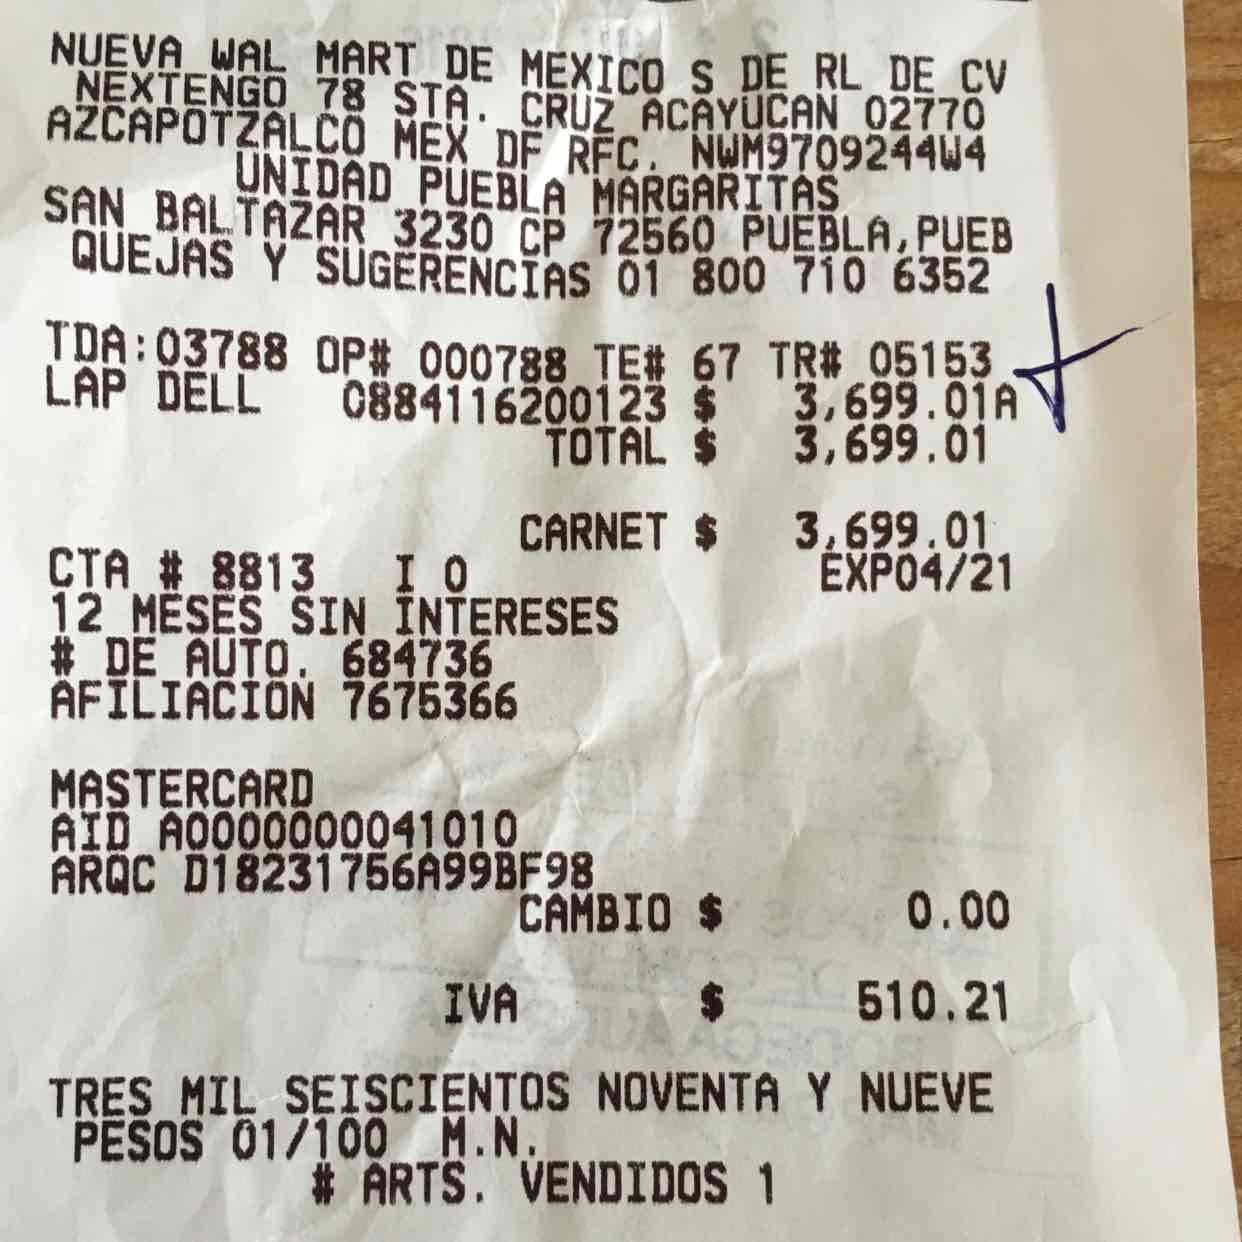 Bodega Aurrerá: Laptop Dell Inspiron 3458 a $3,699.01